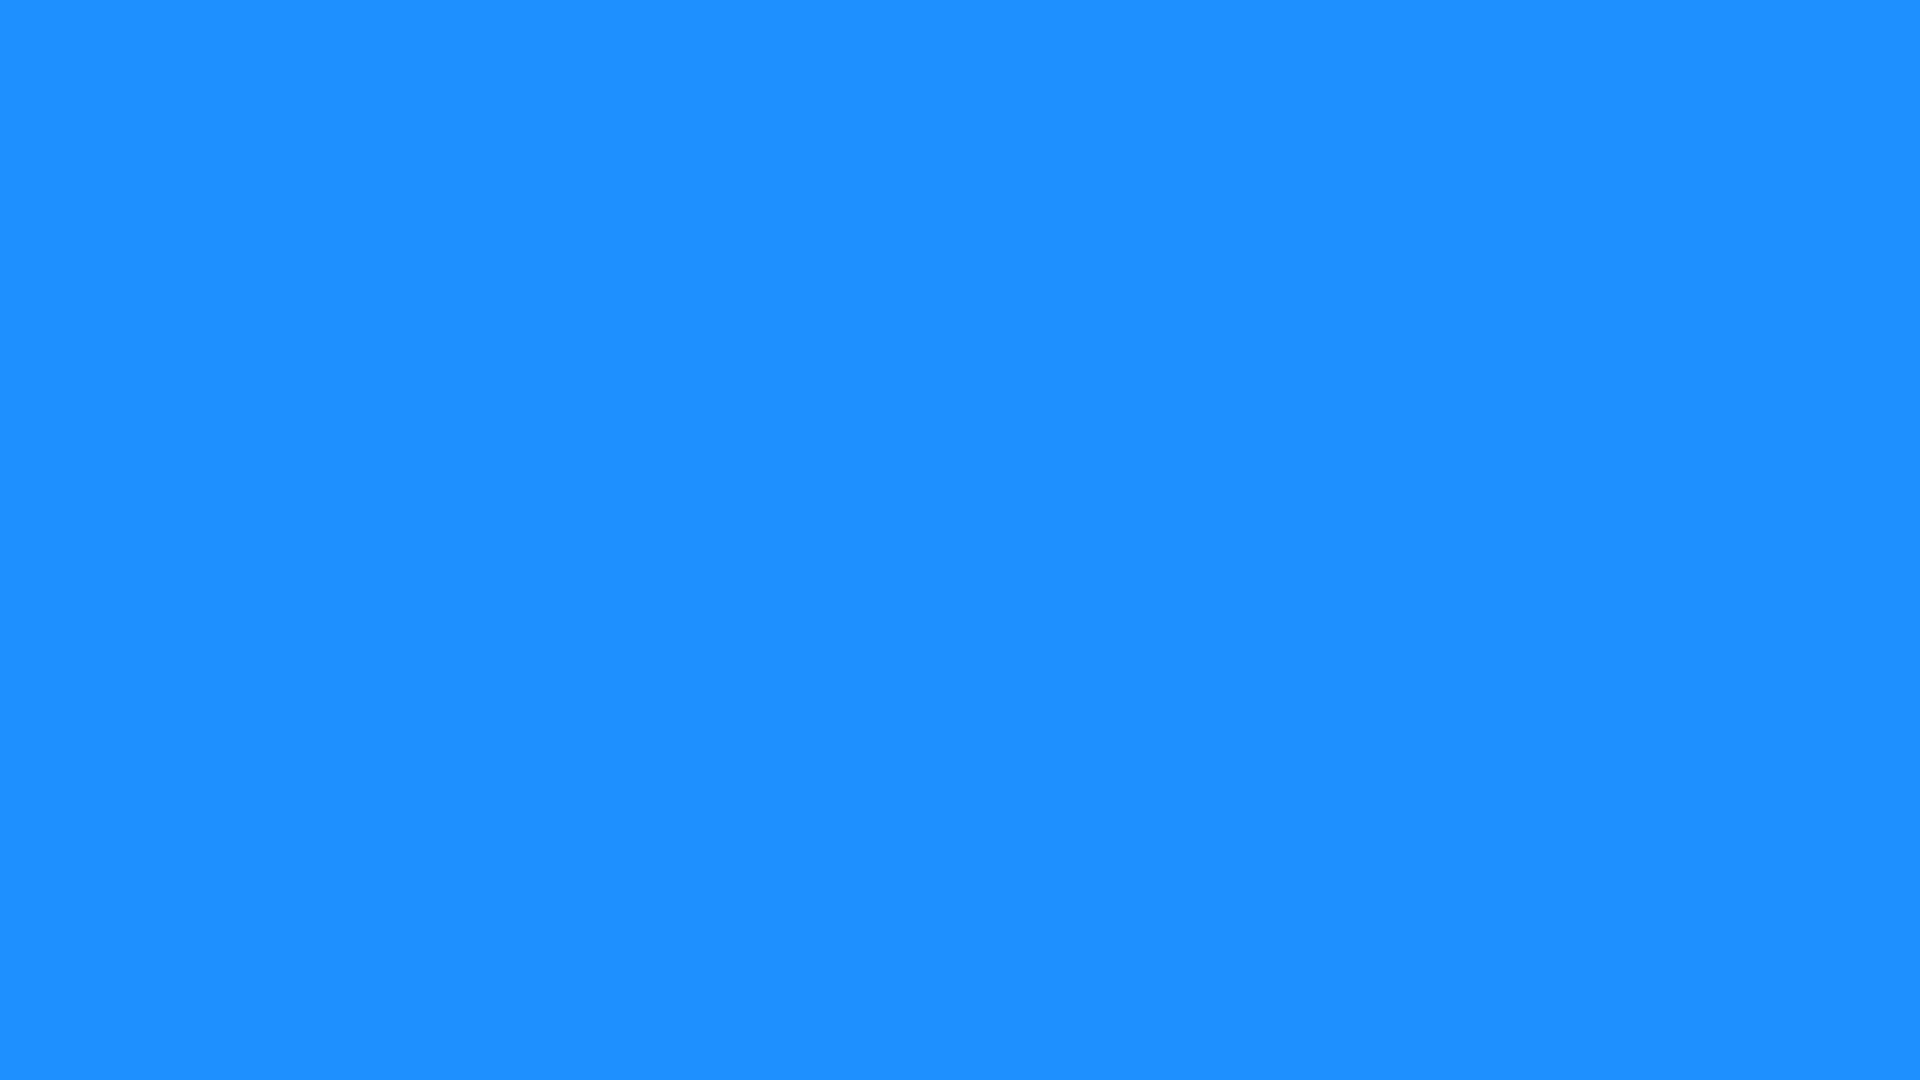 1920x1080 Dodger Blue Solid Color Background